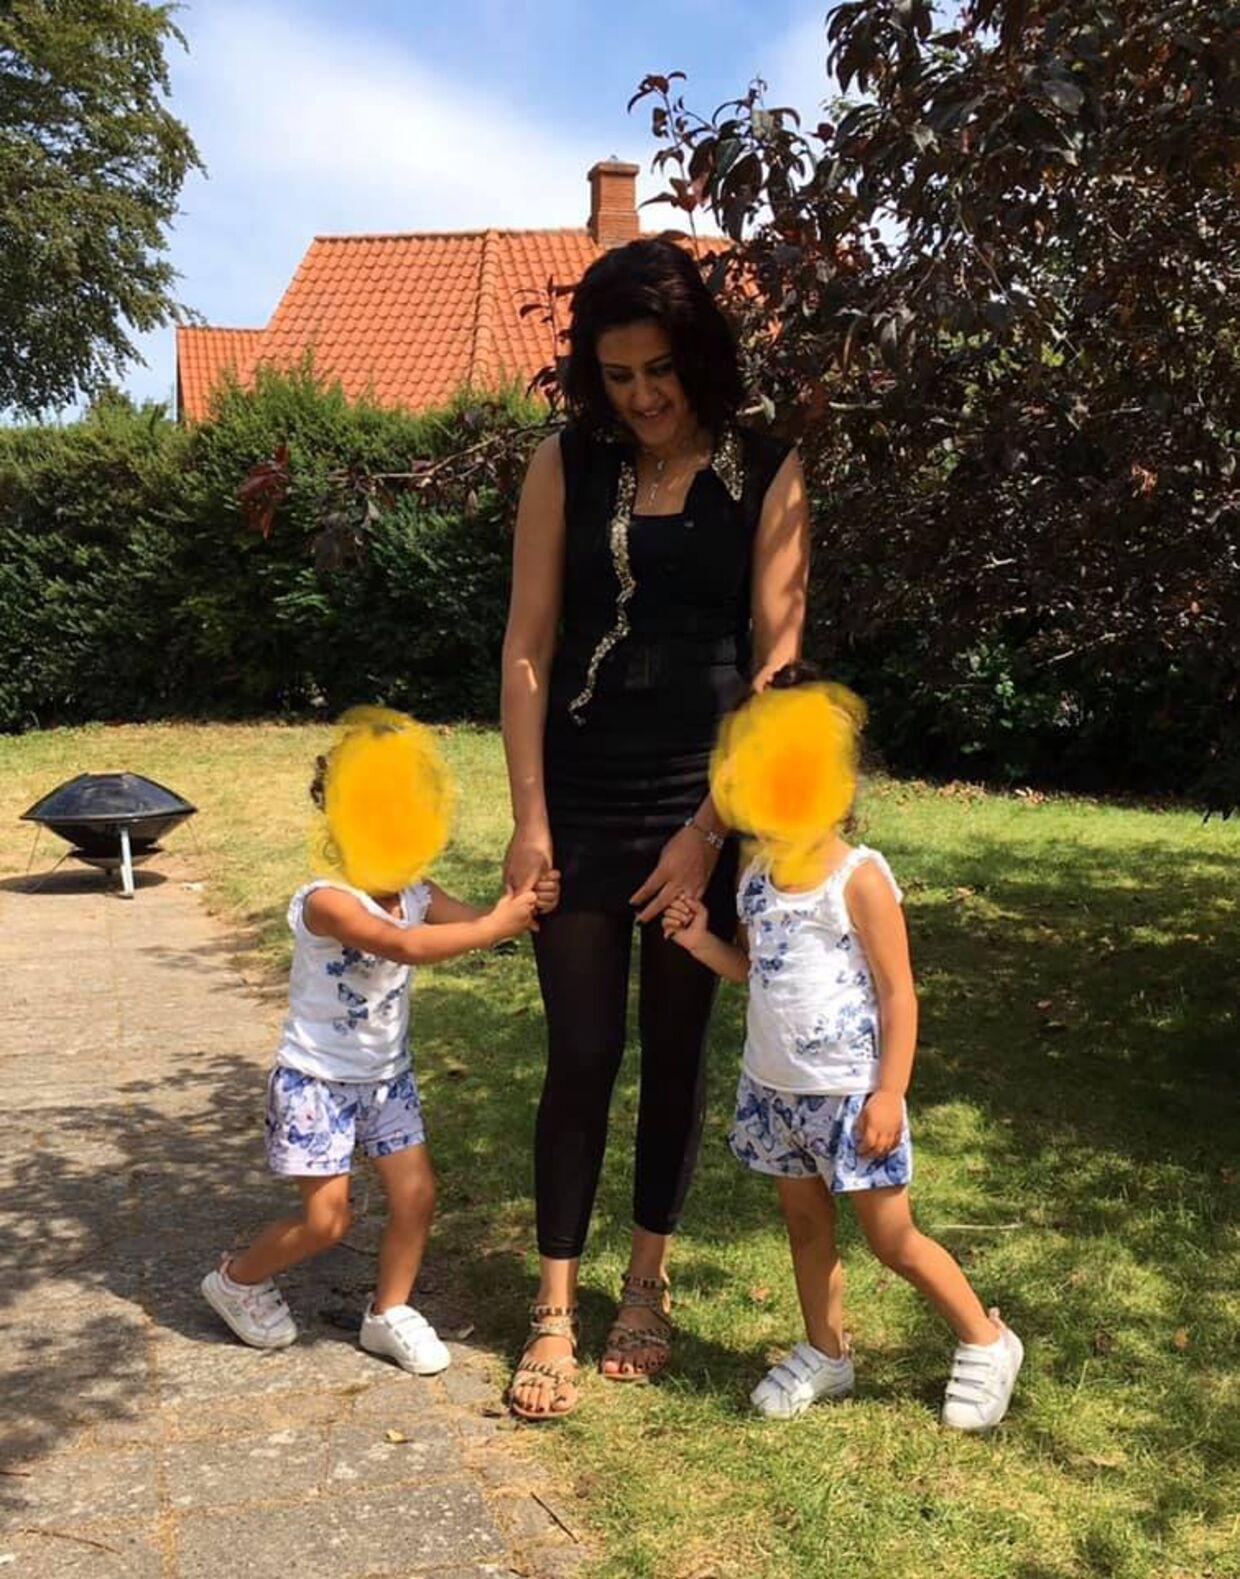 Den 27-årige syrisk-kurdiske Huda Ali Ahmad sammen med sine to yngste børn. Huda ville skilles fra sin kontrollerende mand og leve efter danske normer. Det har nu på grusum vis kostet hende og hendes ni-årige søn Assad livet. Begge er blevet dræbt ved stening under et ophold i Syrien.